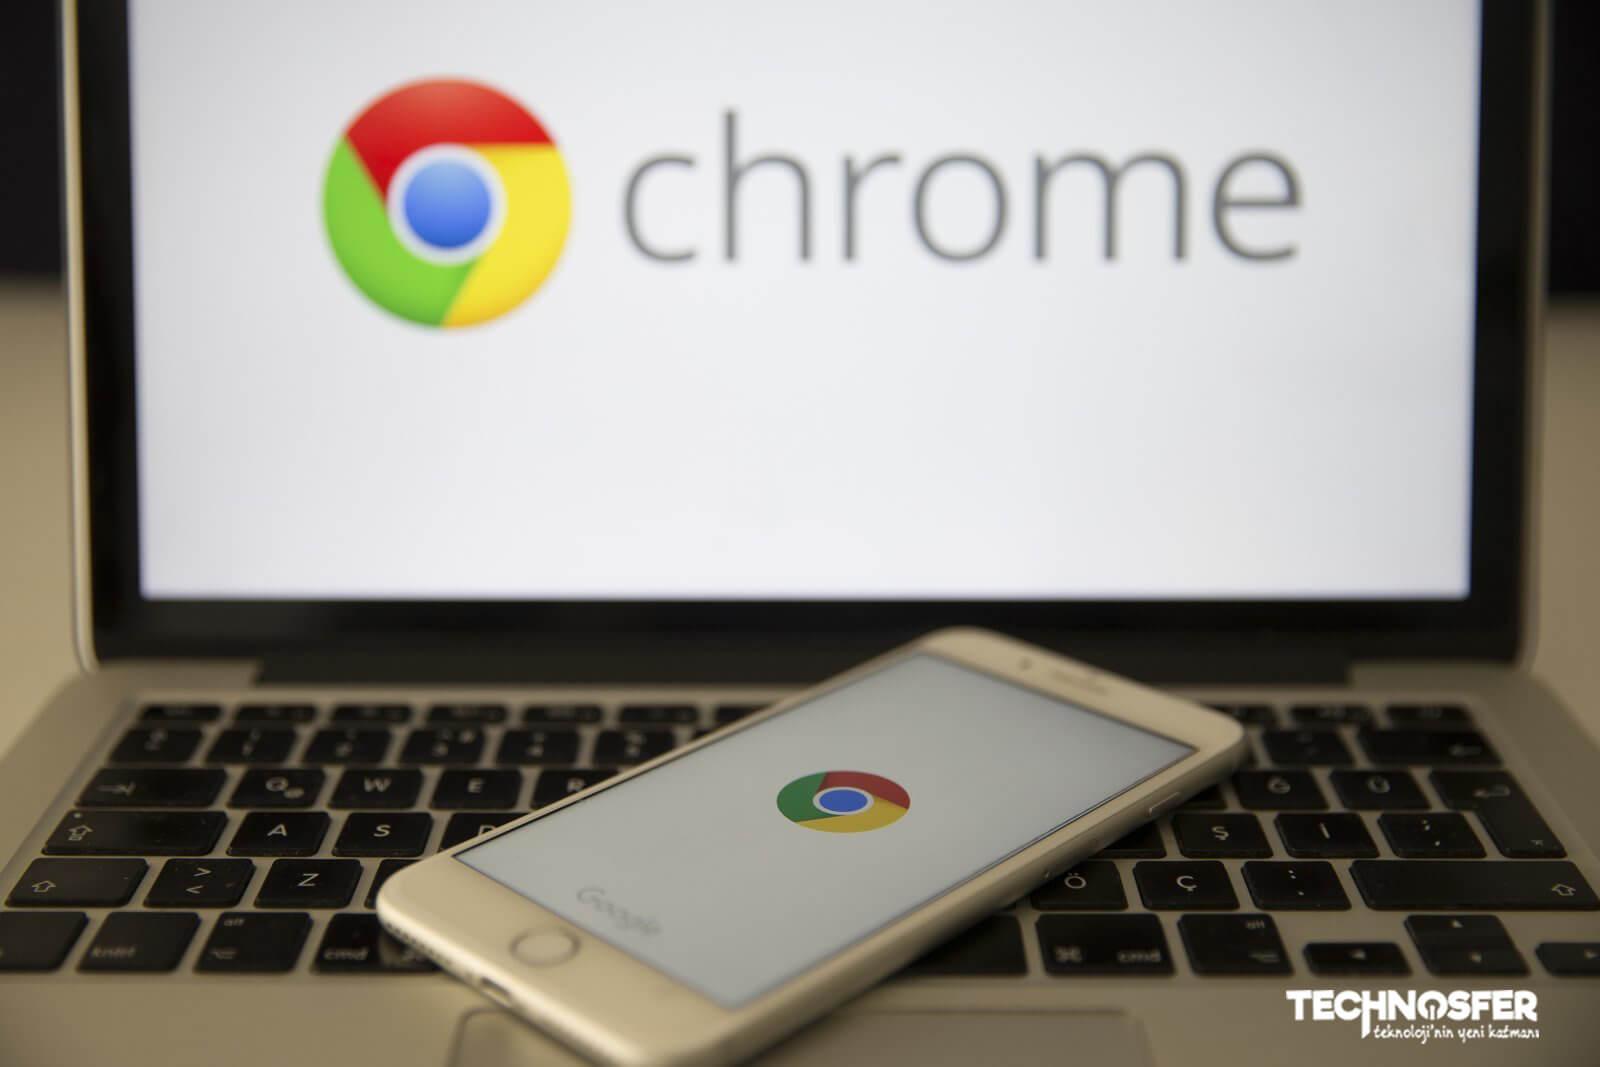 Chrome Bildirimleri Kapatma ve Reklam Engelleme